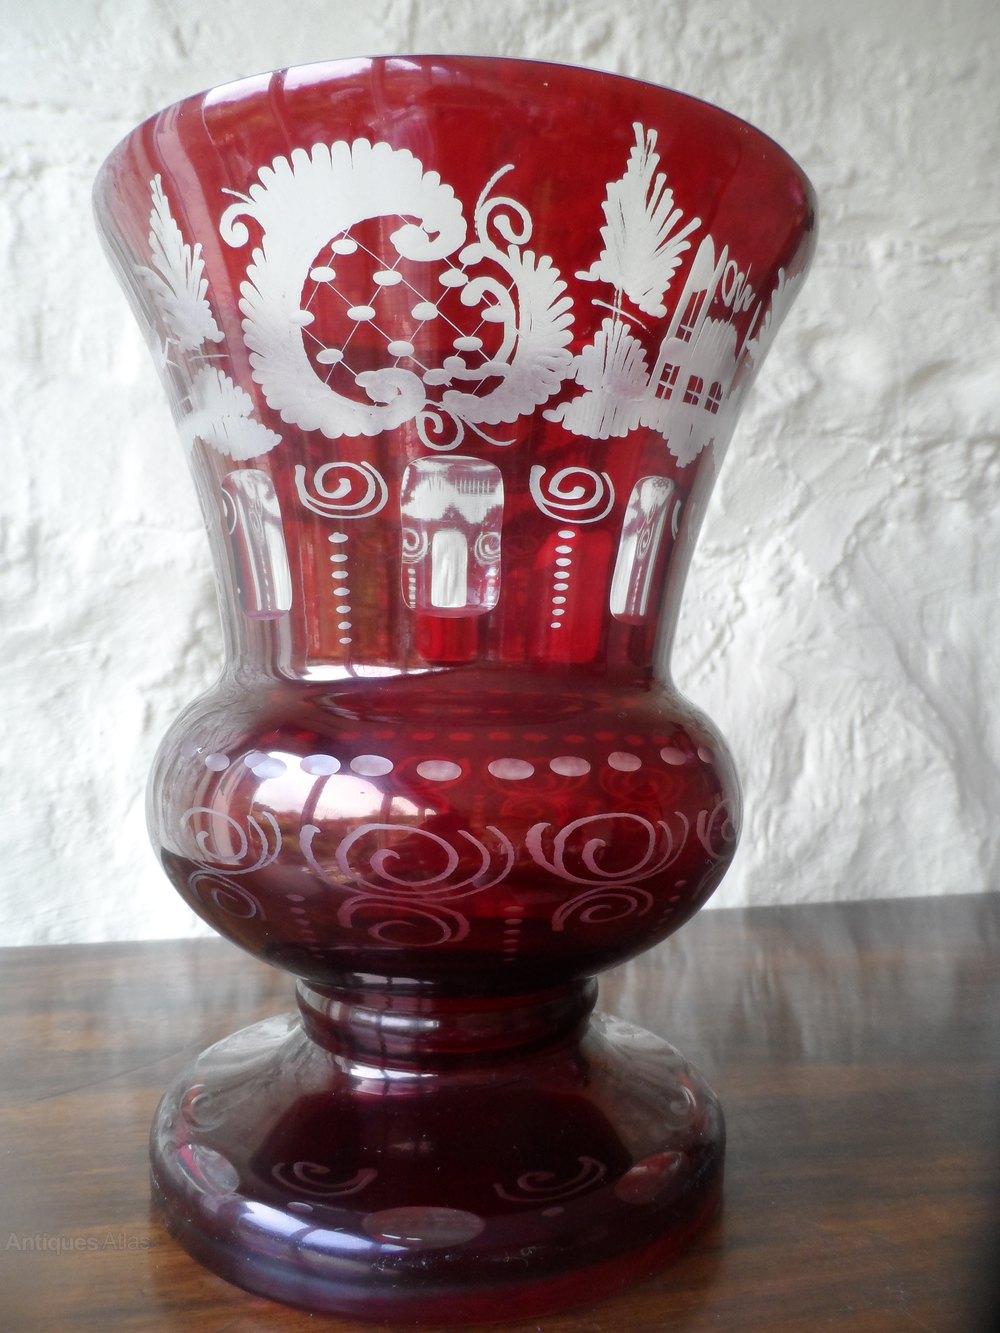 Antiques atlas large bohemian ruby flash cut glass vase large bohemian ruby flash cut glass vase bohemian glass reviewsmspy